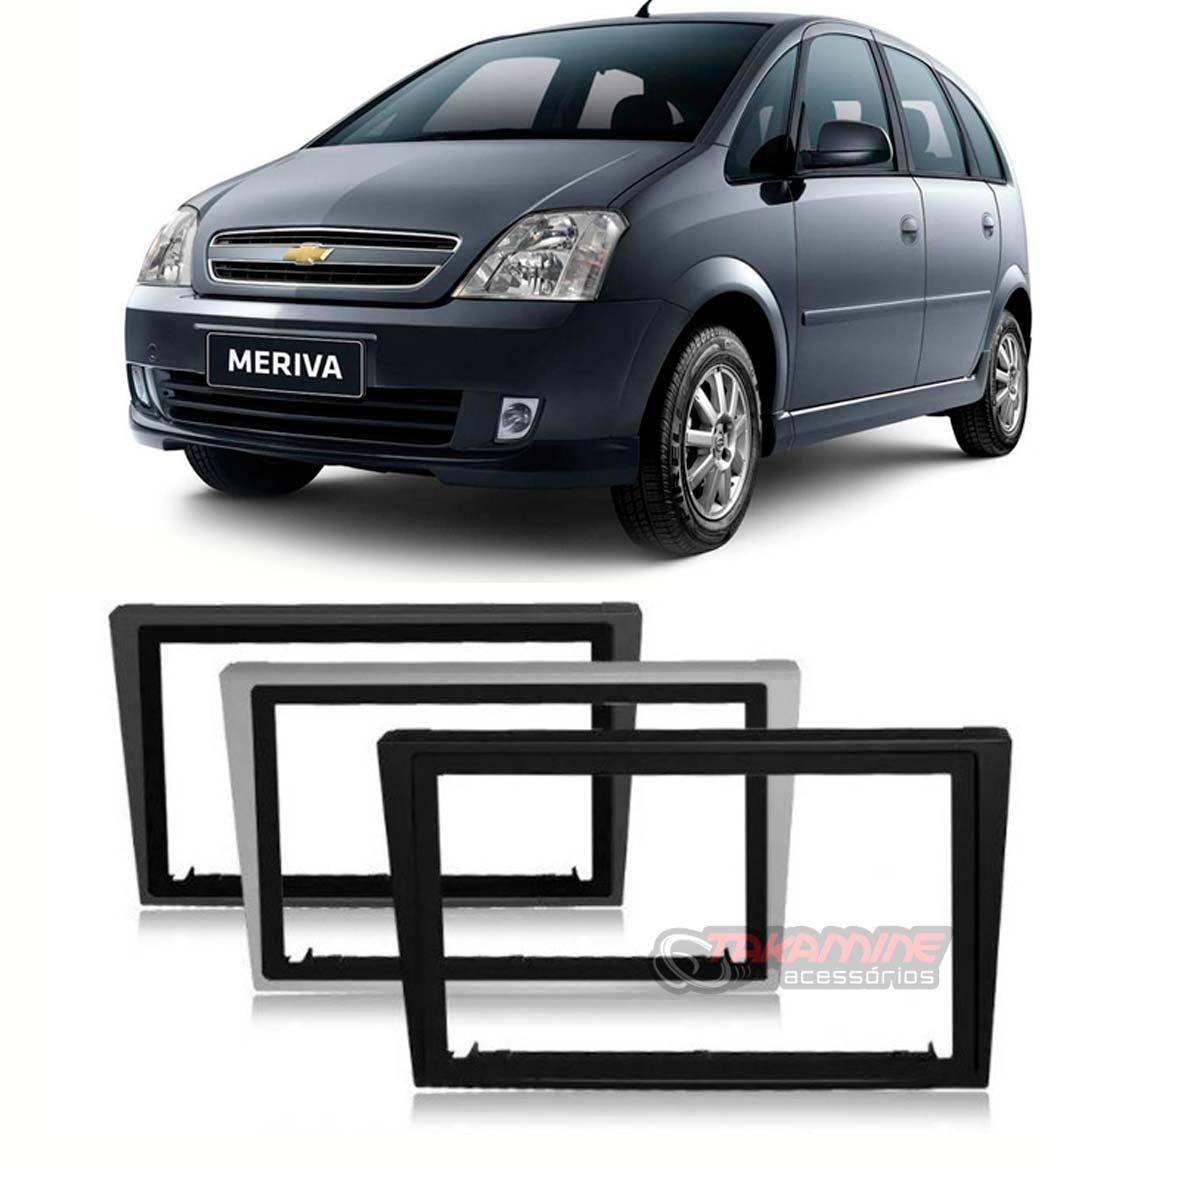 Moldura 2 Din Meriva 2003 até 2012 prata, preta ou cinza c/suporte padrão chinês / japonês